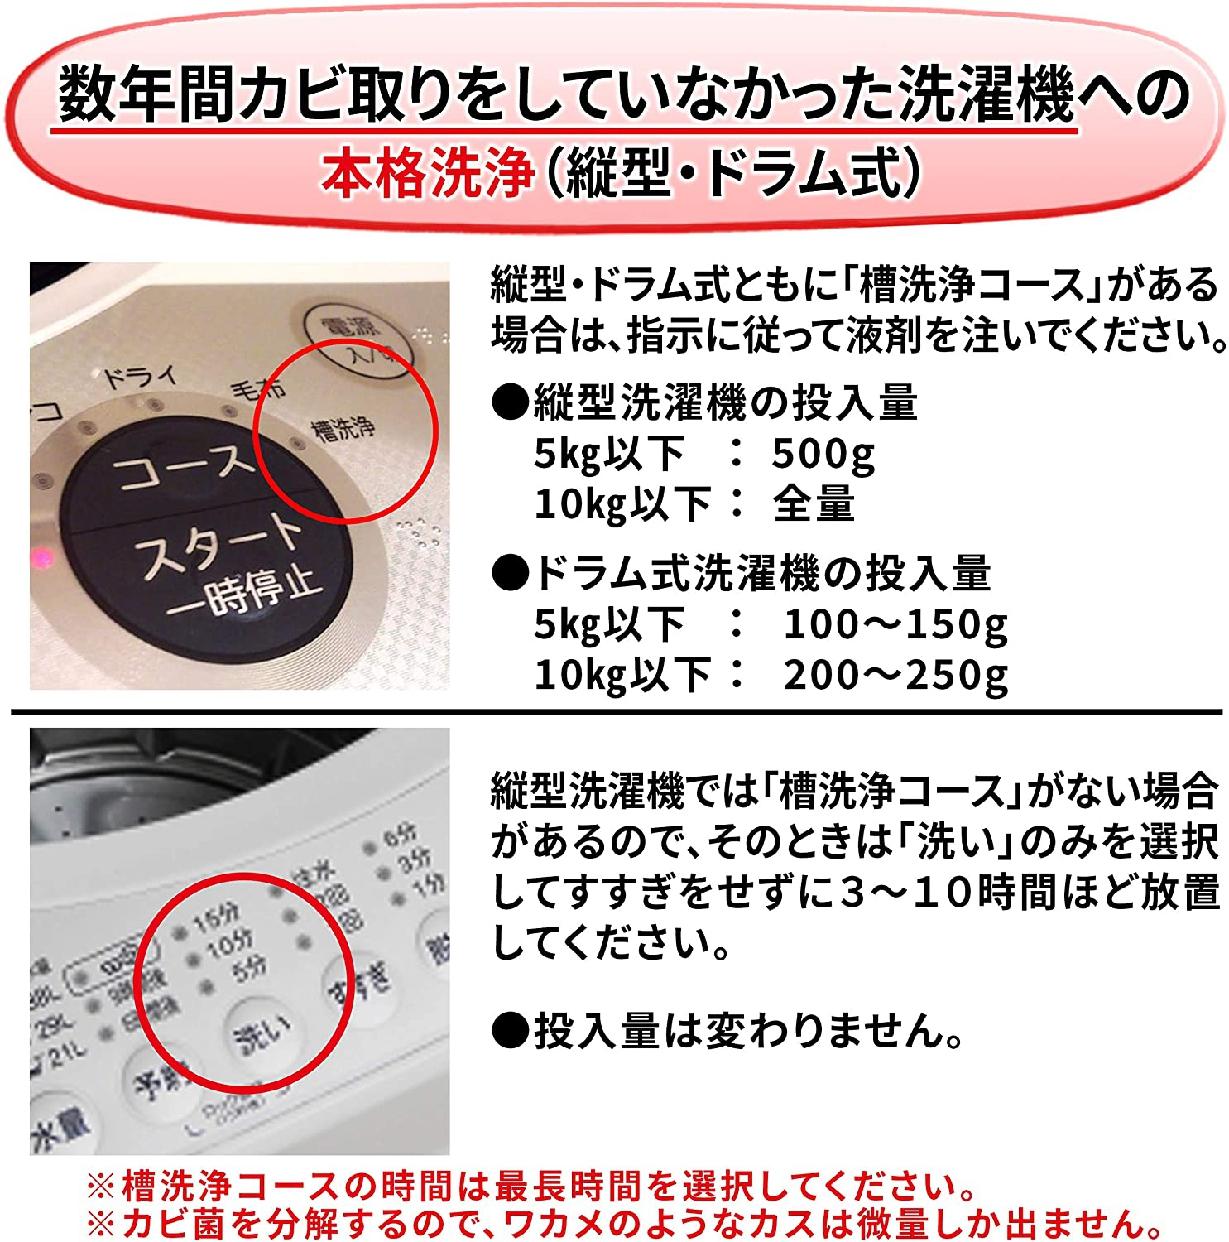 純閃堂(JUNSEIDO) カビ取り侍 洗濯槽用の商品画像5